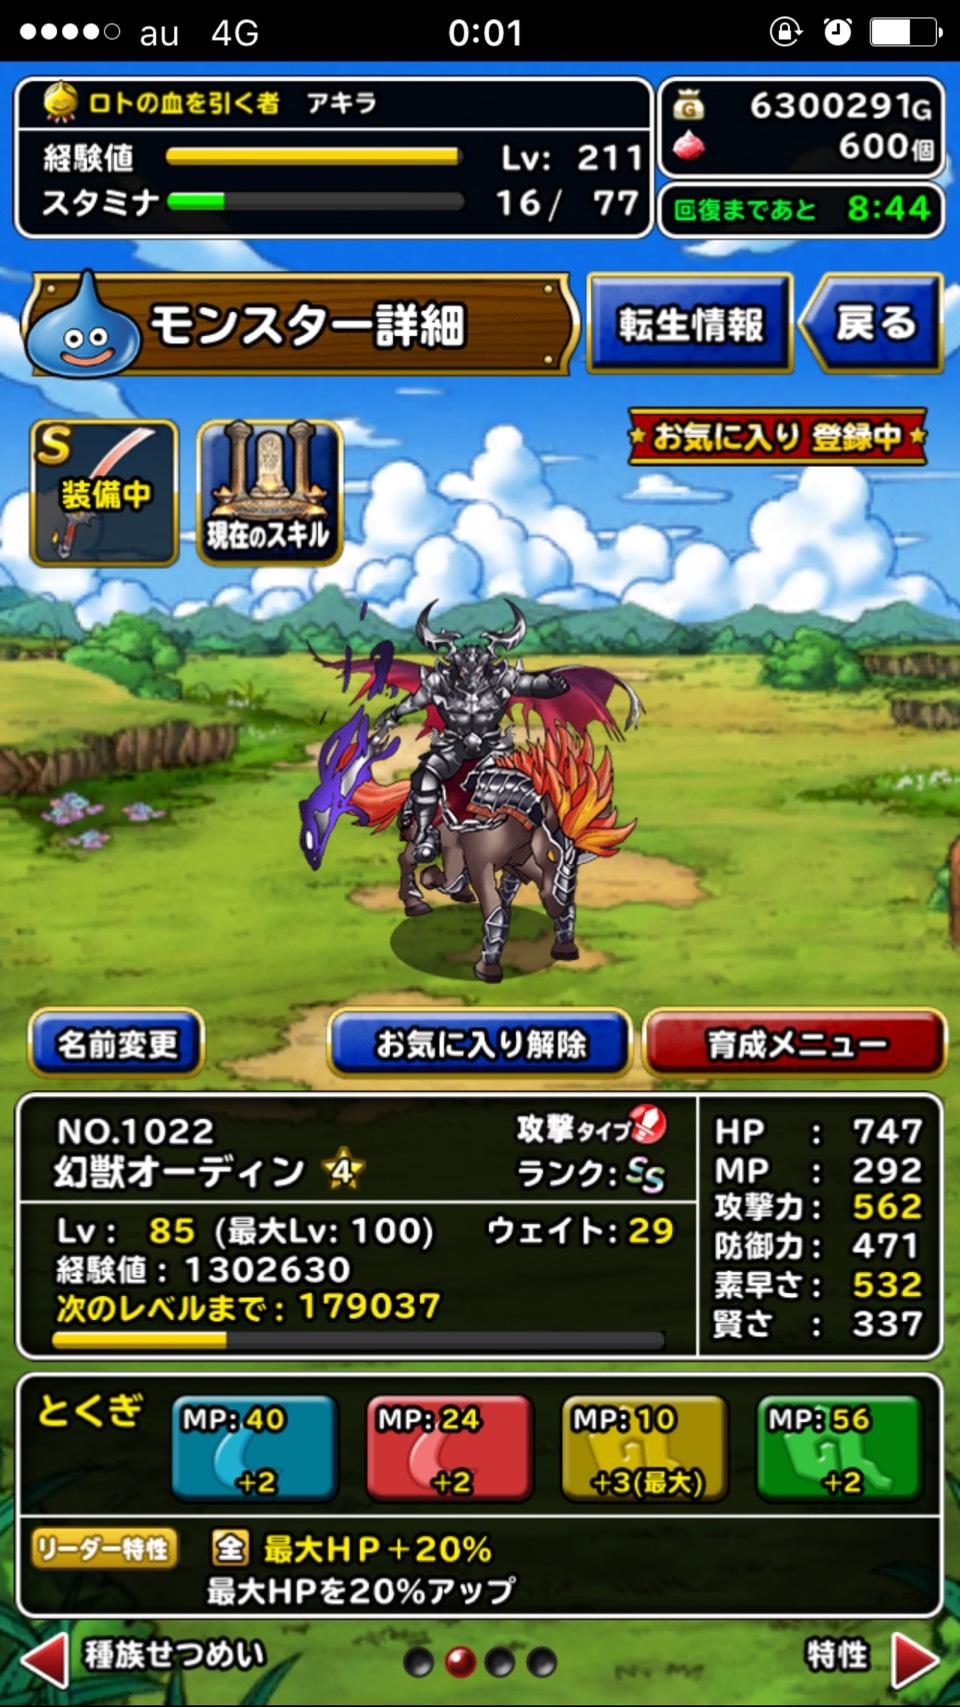 オーディン斬鉄剣+3の道!無限パワーアップ中!その2